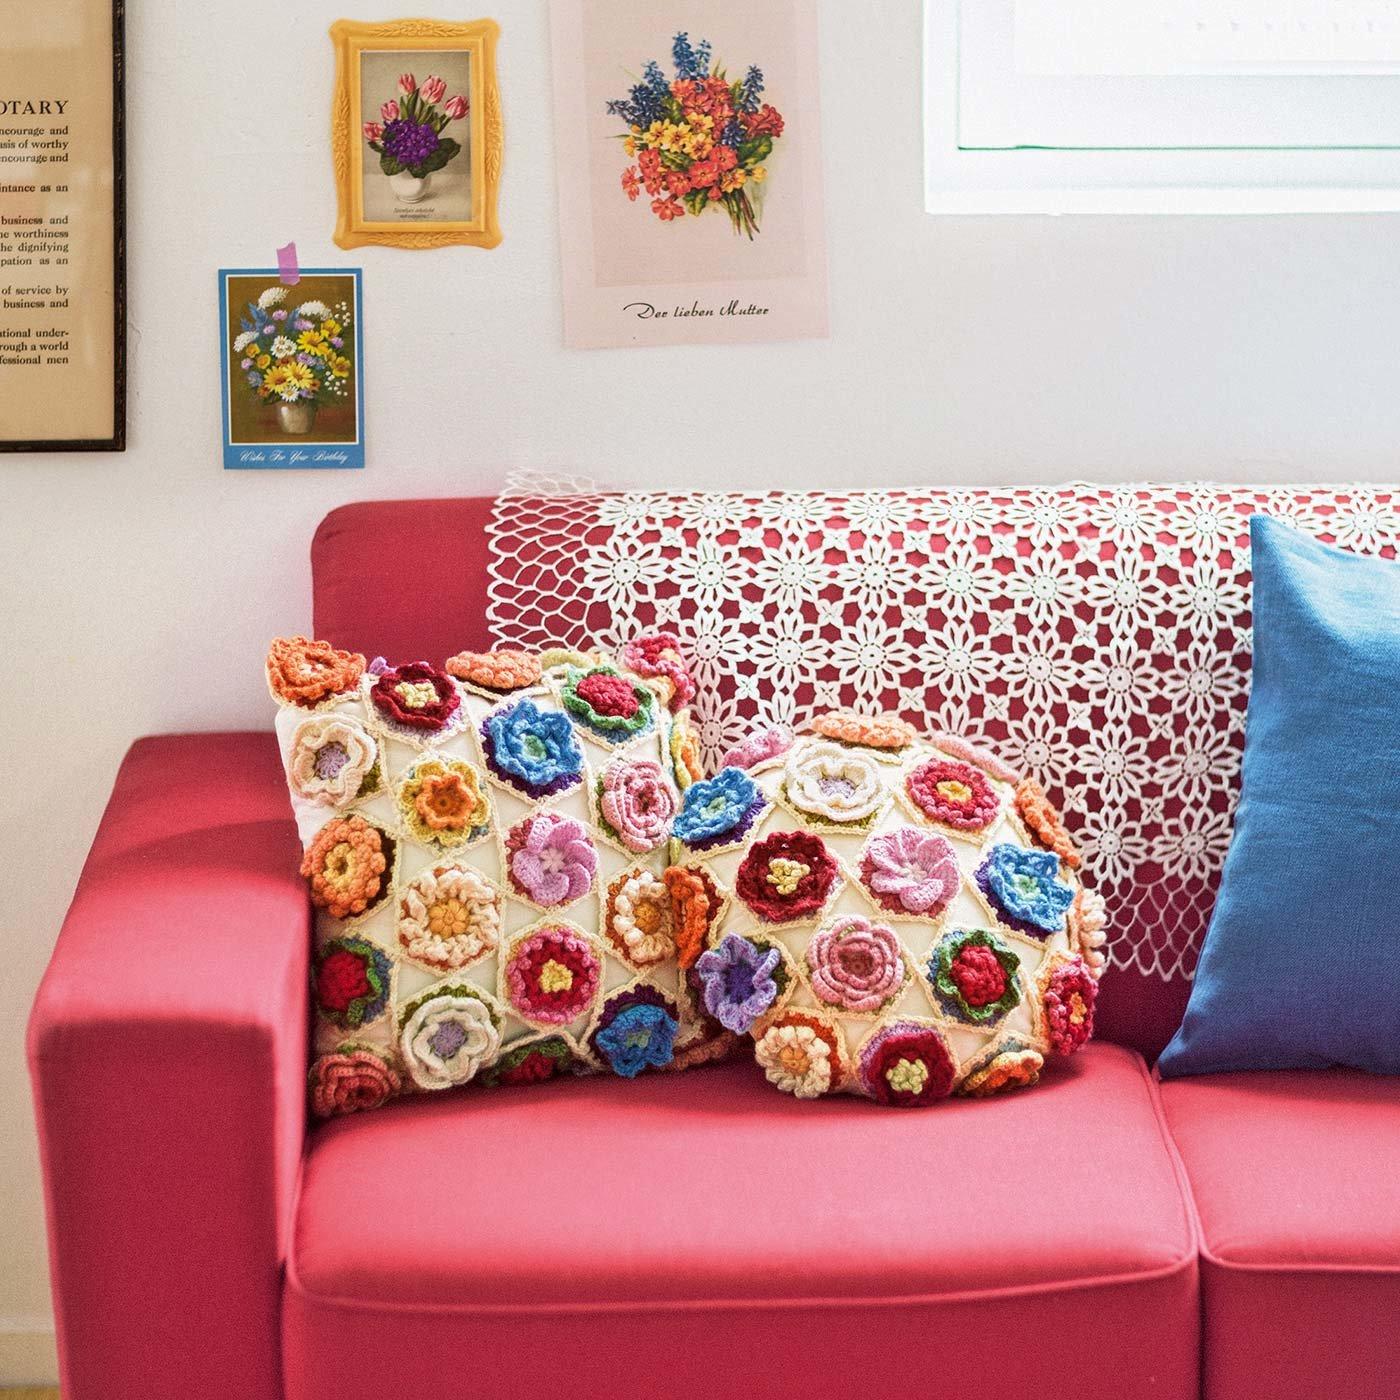 重なる花びらのボリューム感が魅力 誕生月のお花をイメージした立体モチーフ編み